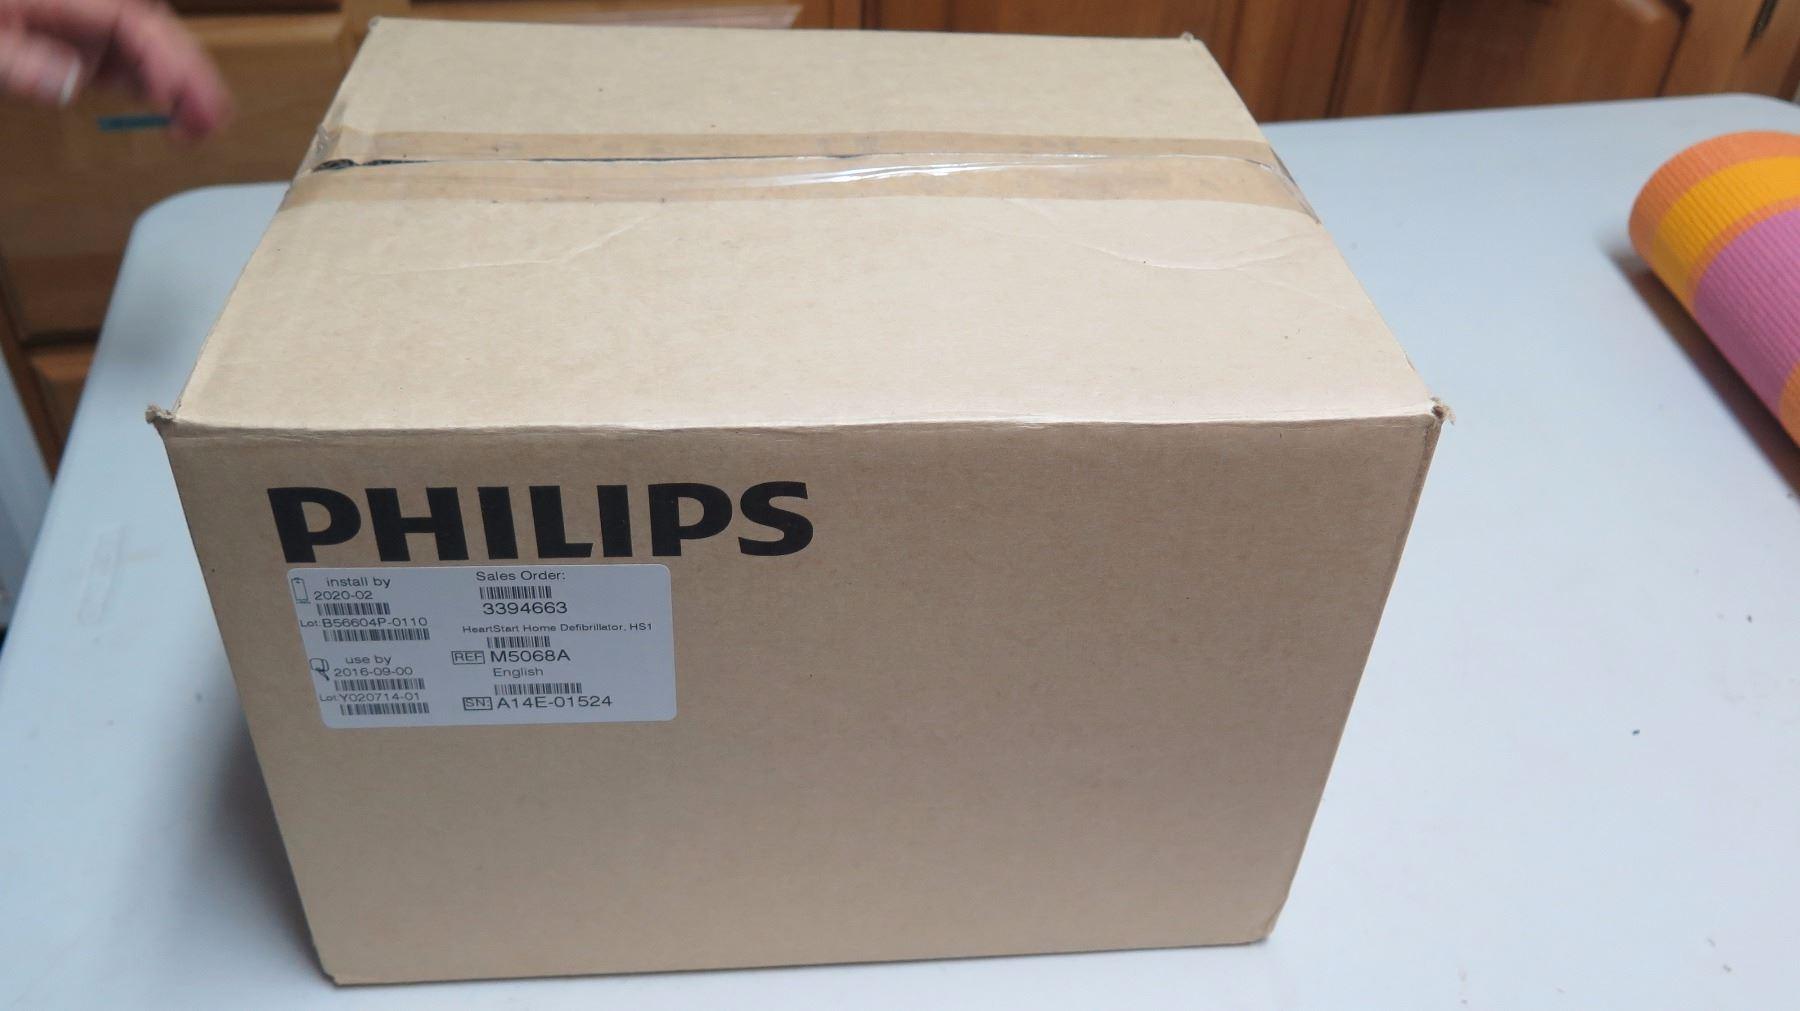 Unused Philips Heartstart Defibrillator, Includes Battery